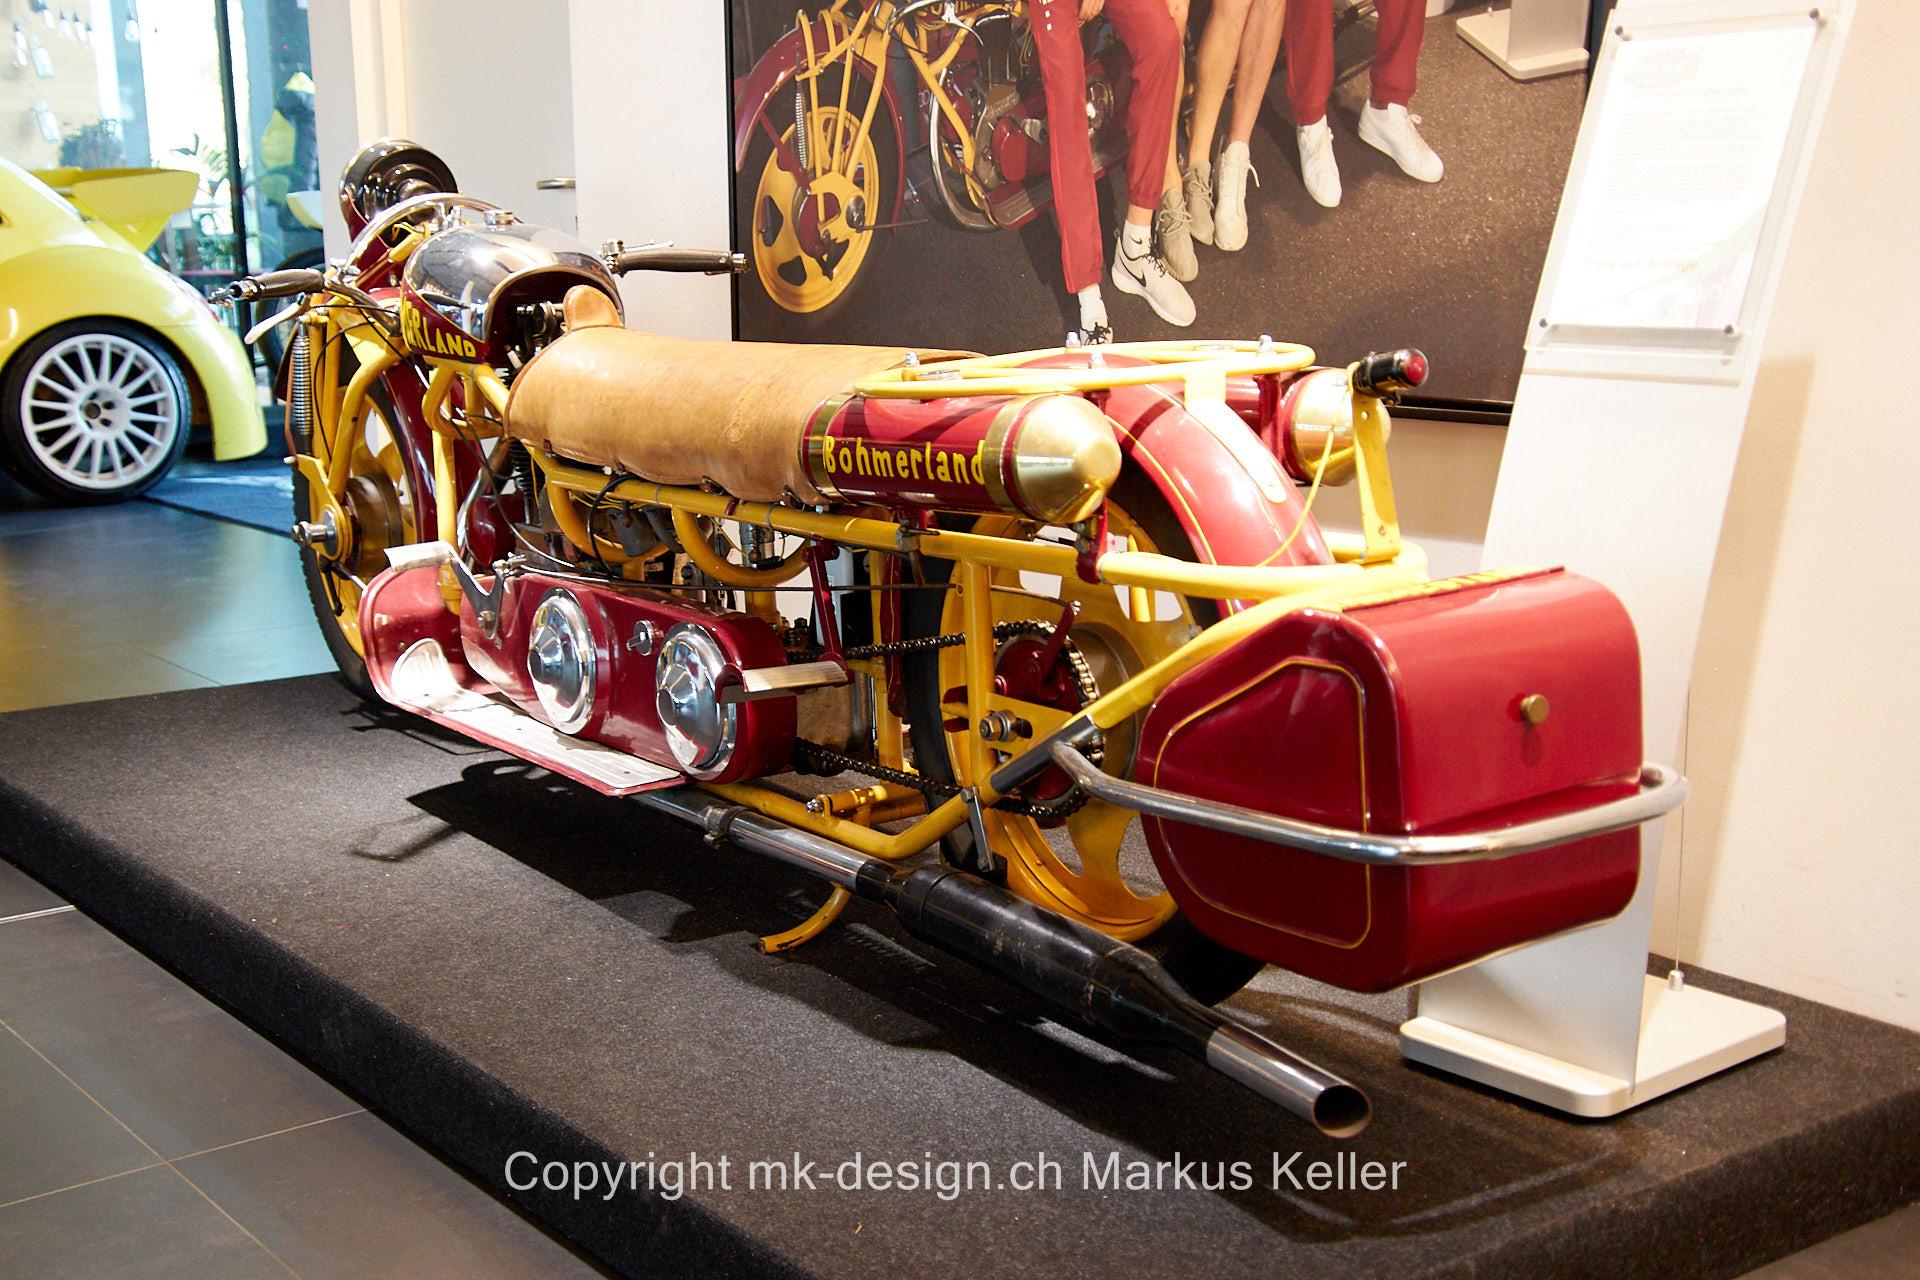 Motorrad   Böhmerland